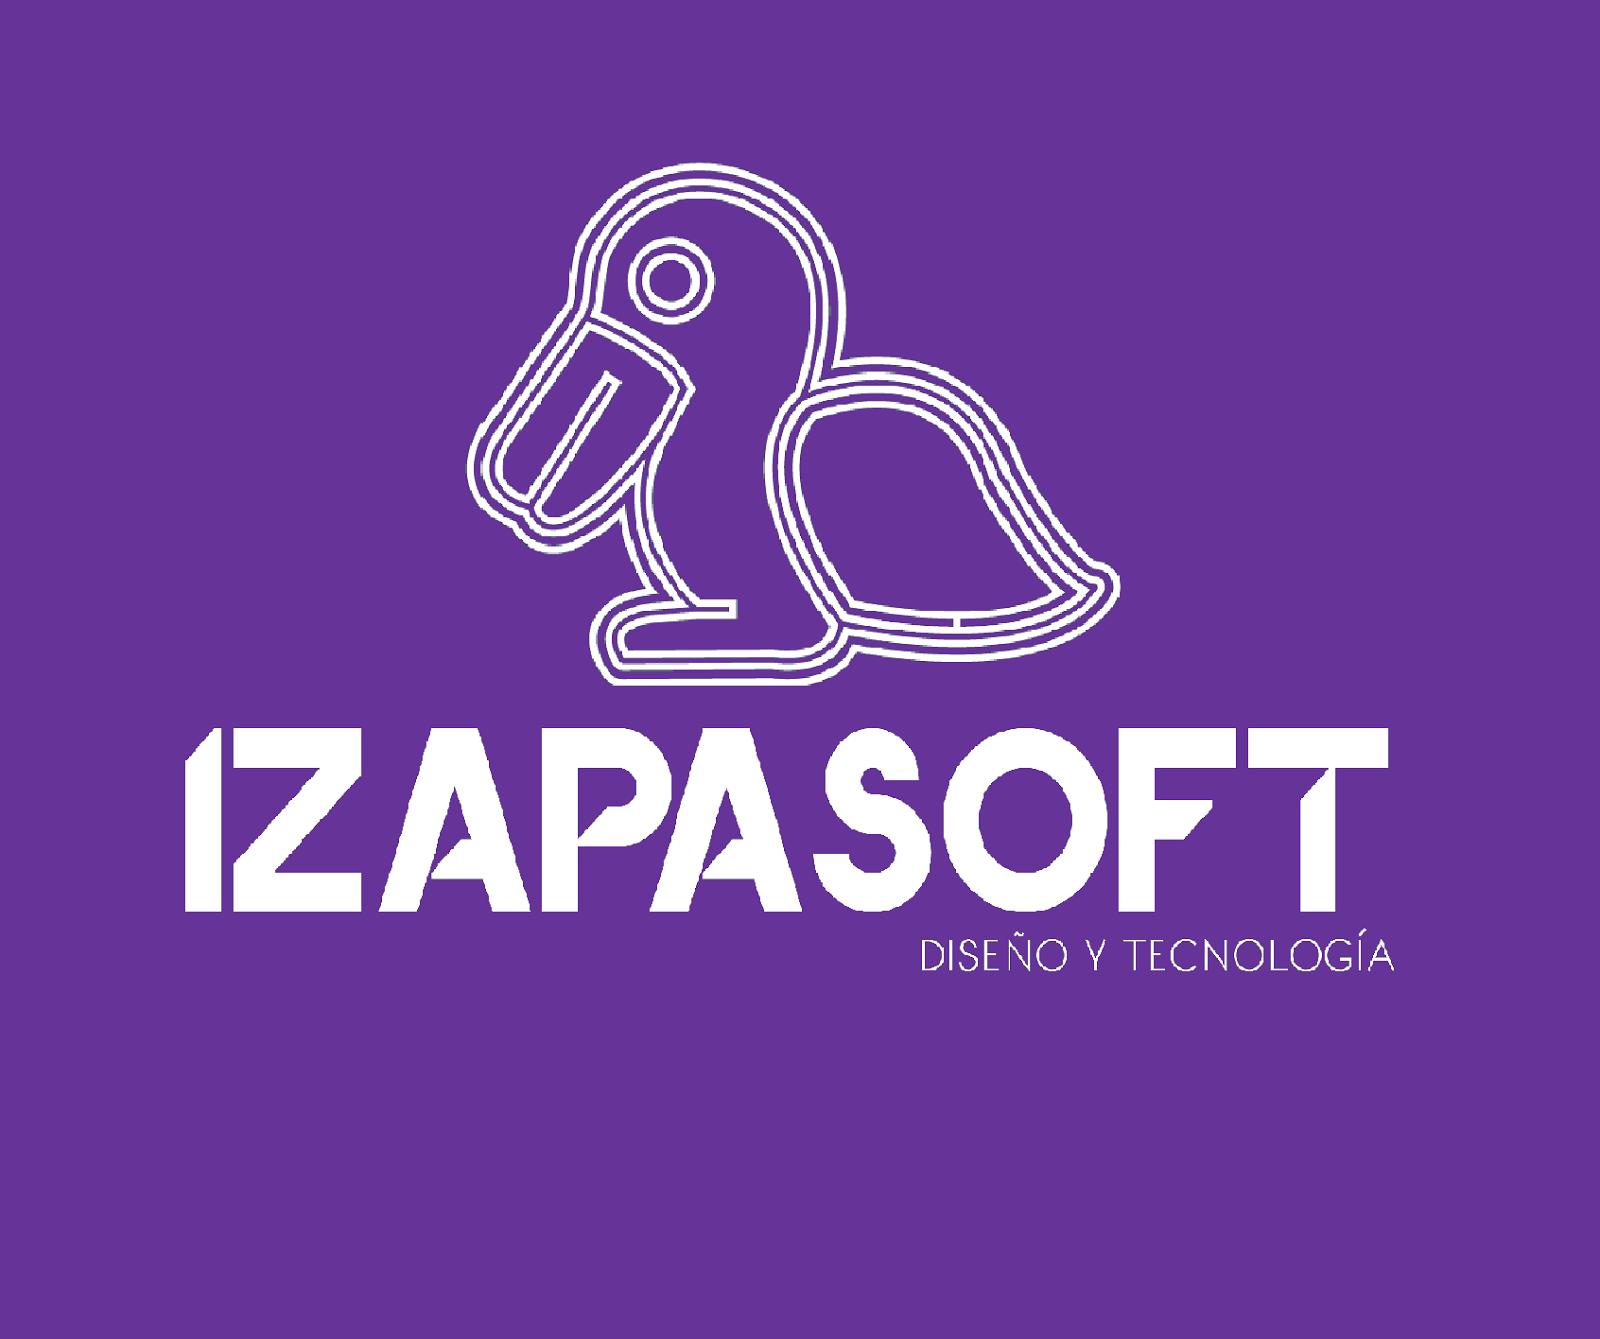 Izapasoft - Diseño y Tecnologías